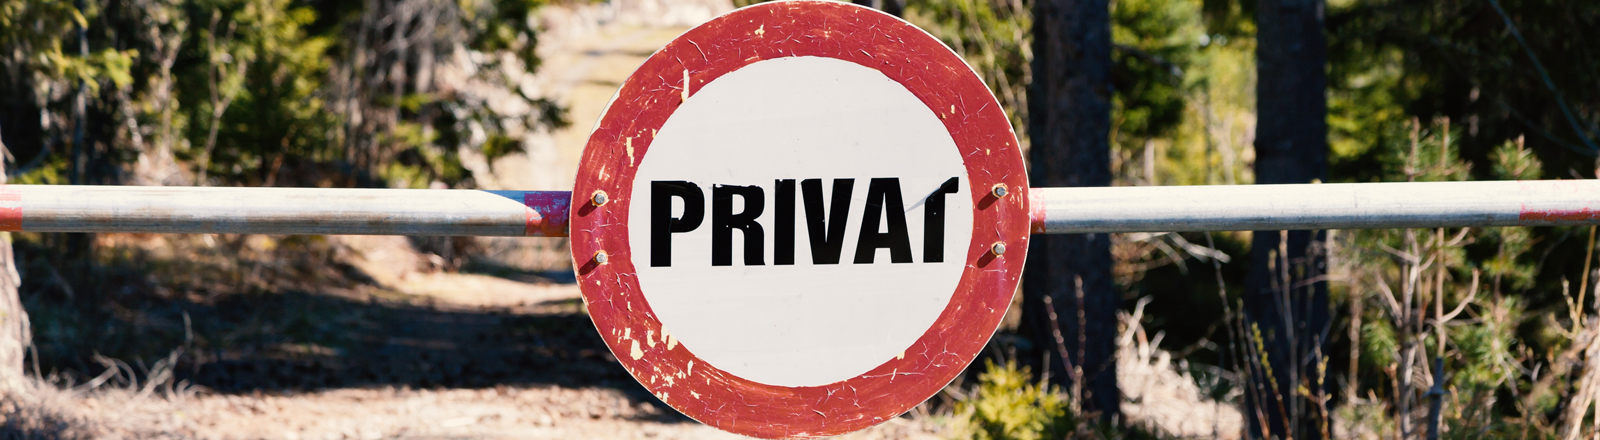 """Ein Waldweg, der mit einer Schranke versperrt ist. An der Schranke ist ein Schild mit der Aufschrift """"Privat"""" angebracht."""